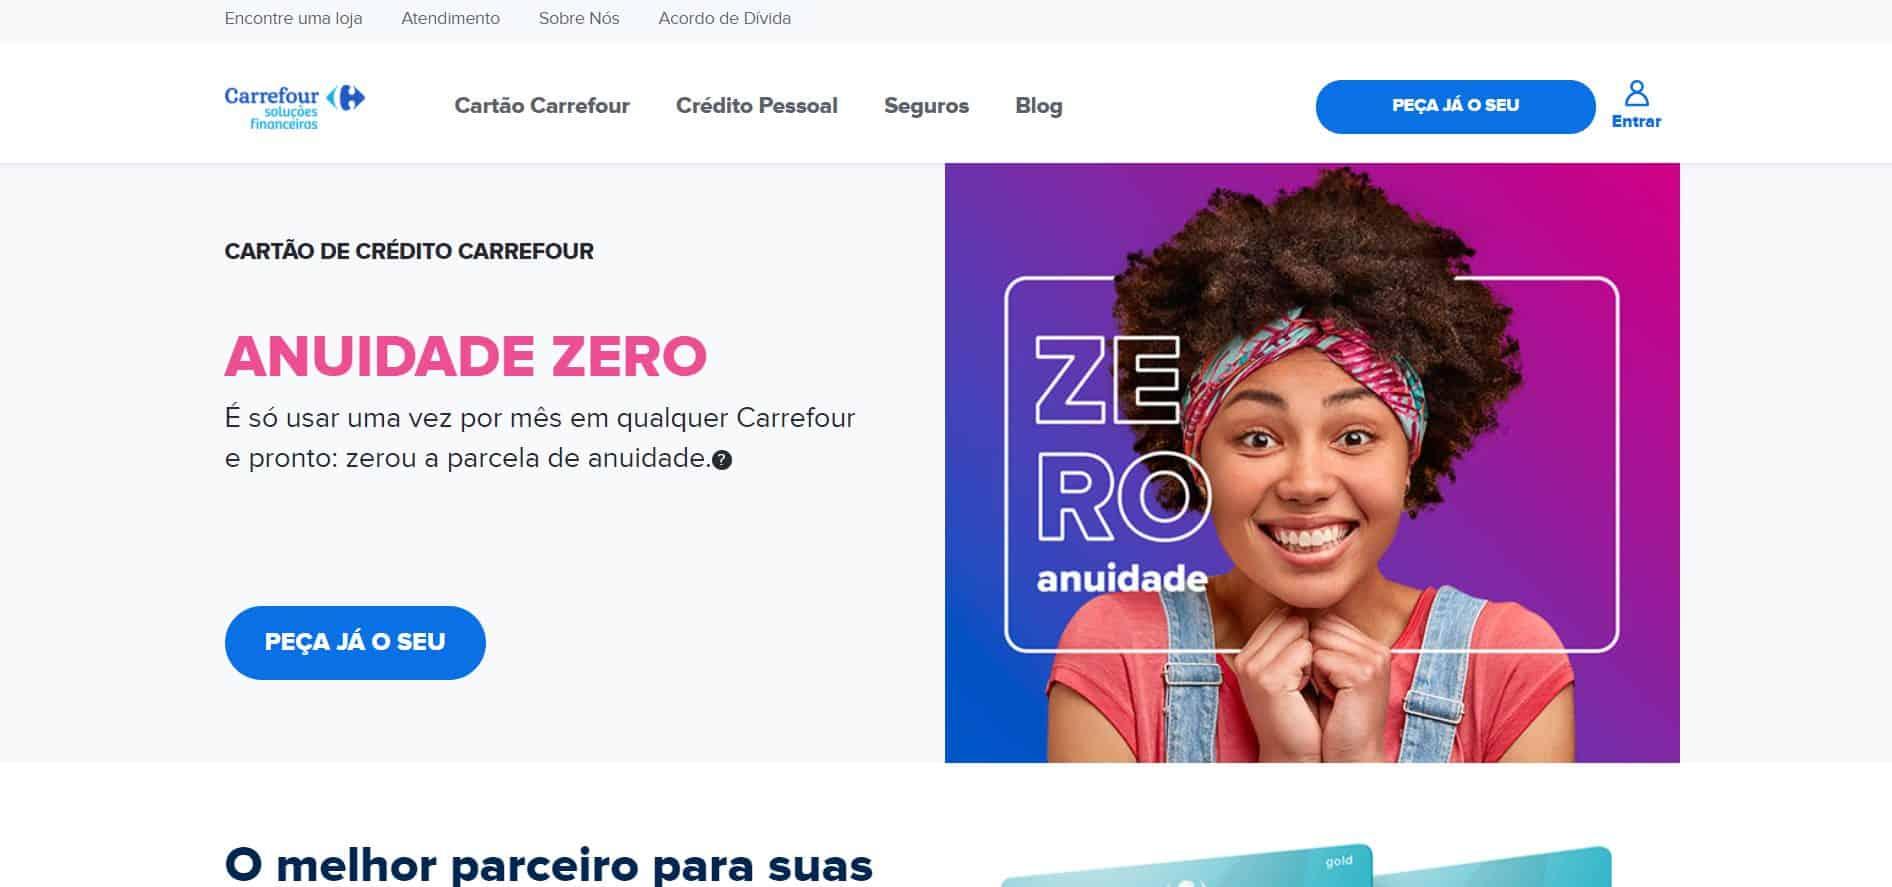 Print do site do Cartão Carrefour para auxiliar o leitor a gerar a fatura do cartão carrefour